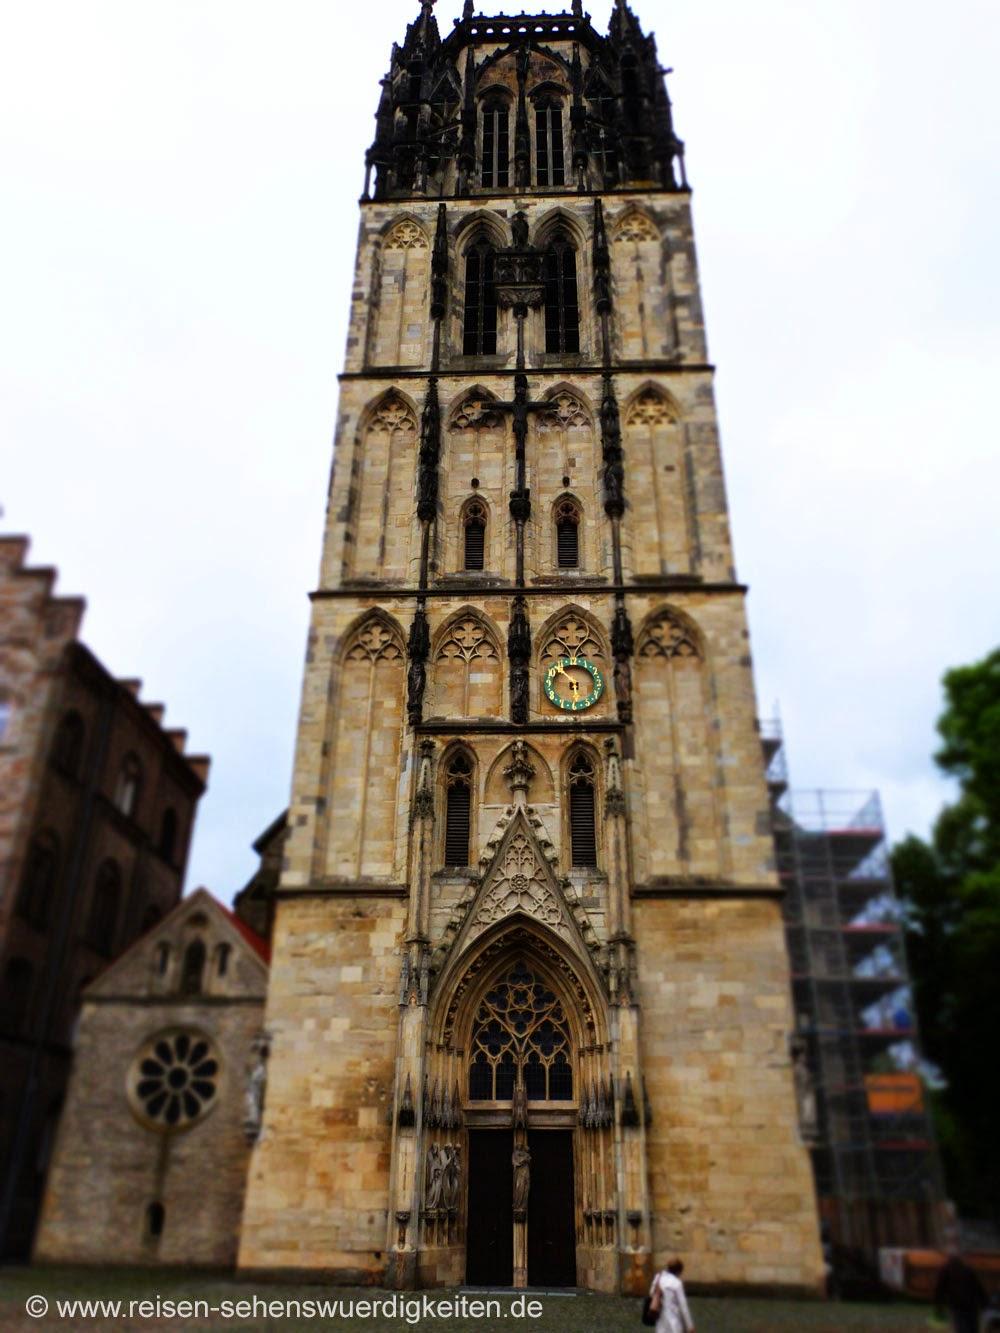 Münster Sehenswürdigkeiten, Überwasserkirche in Münster, Liebfrauenkirche in Münster